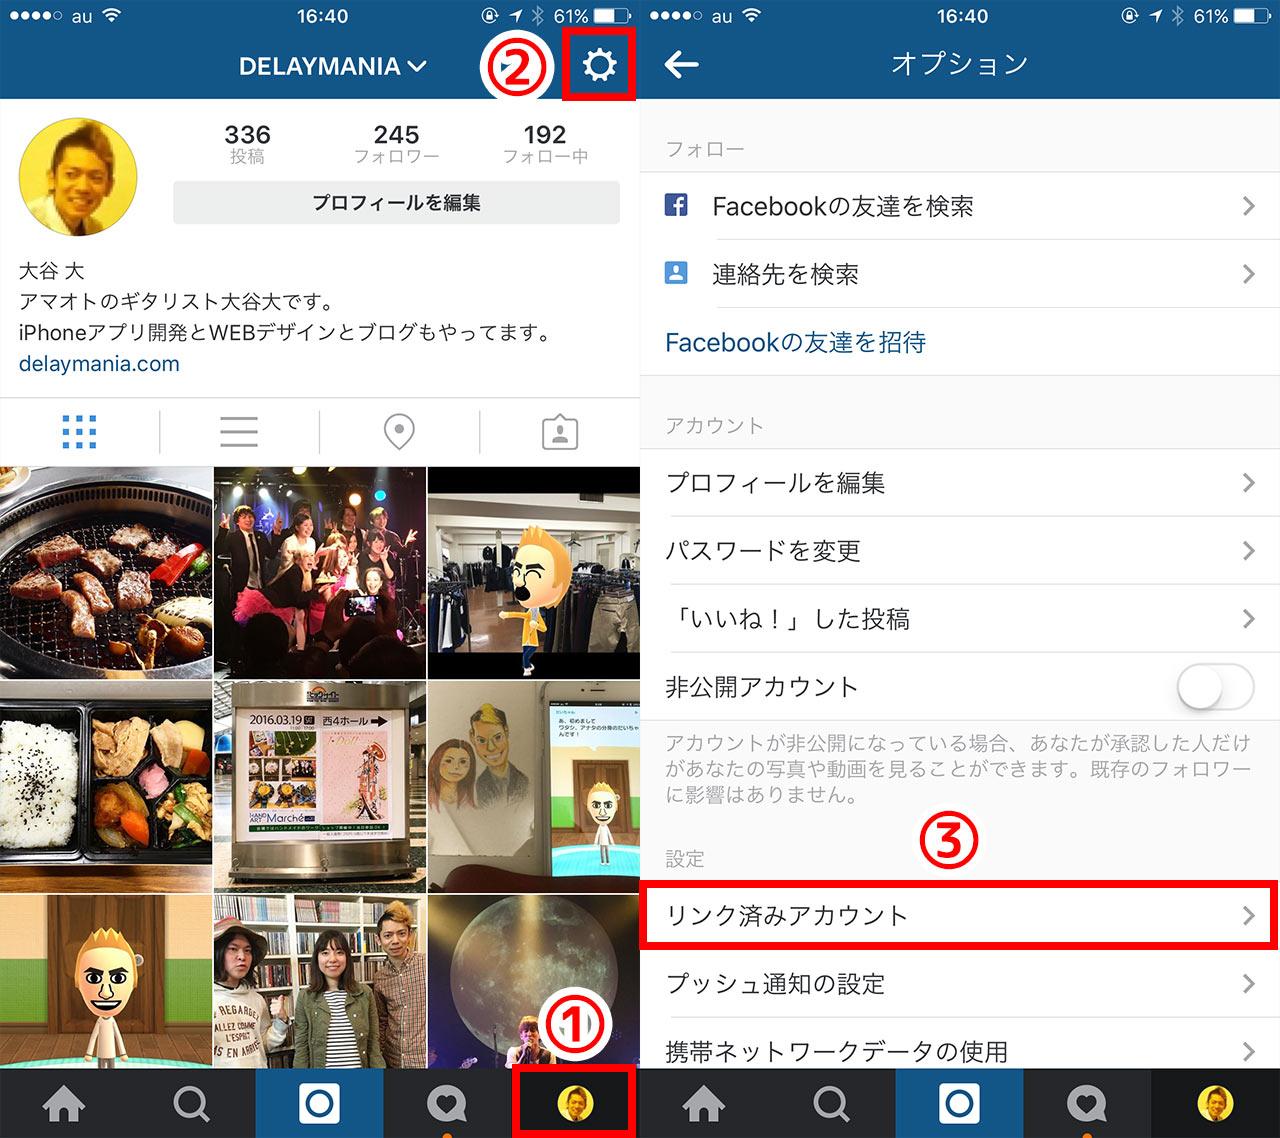 Instagramで投稿したらFacebookページに送るように連携する設定01